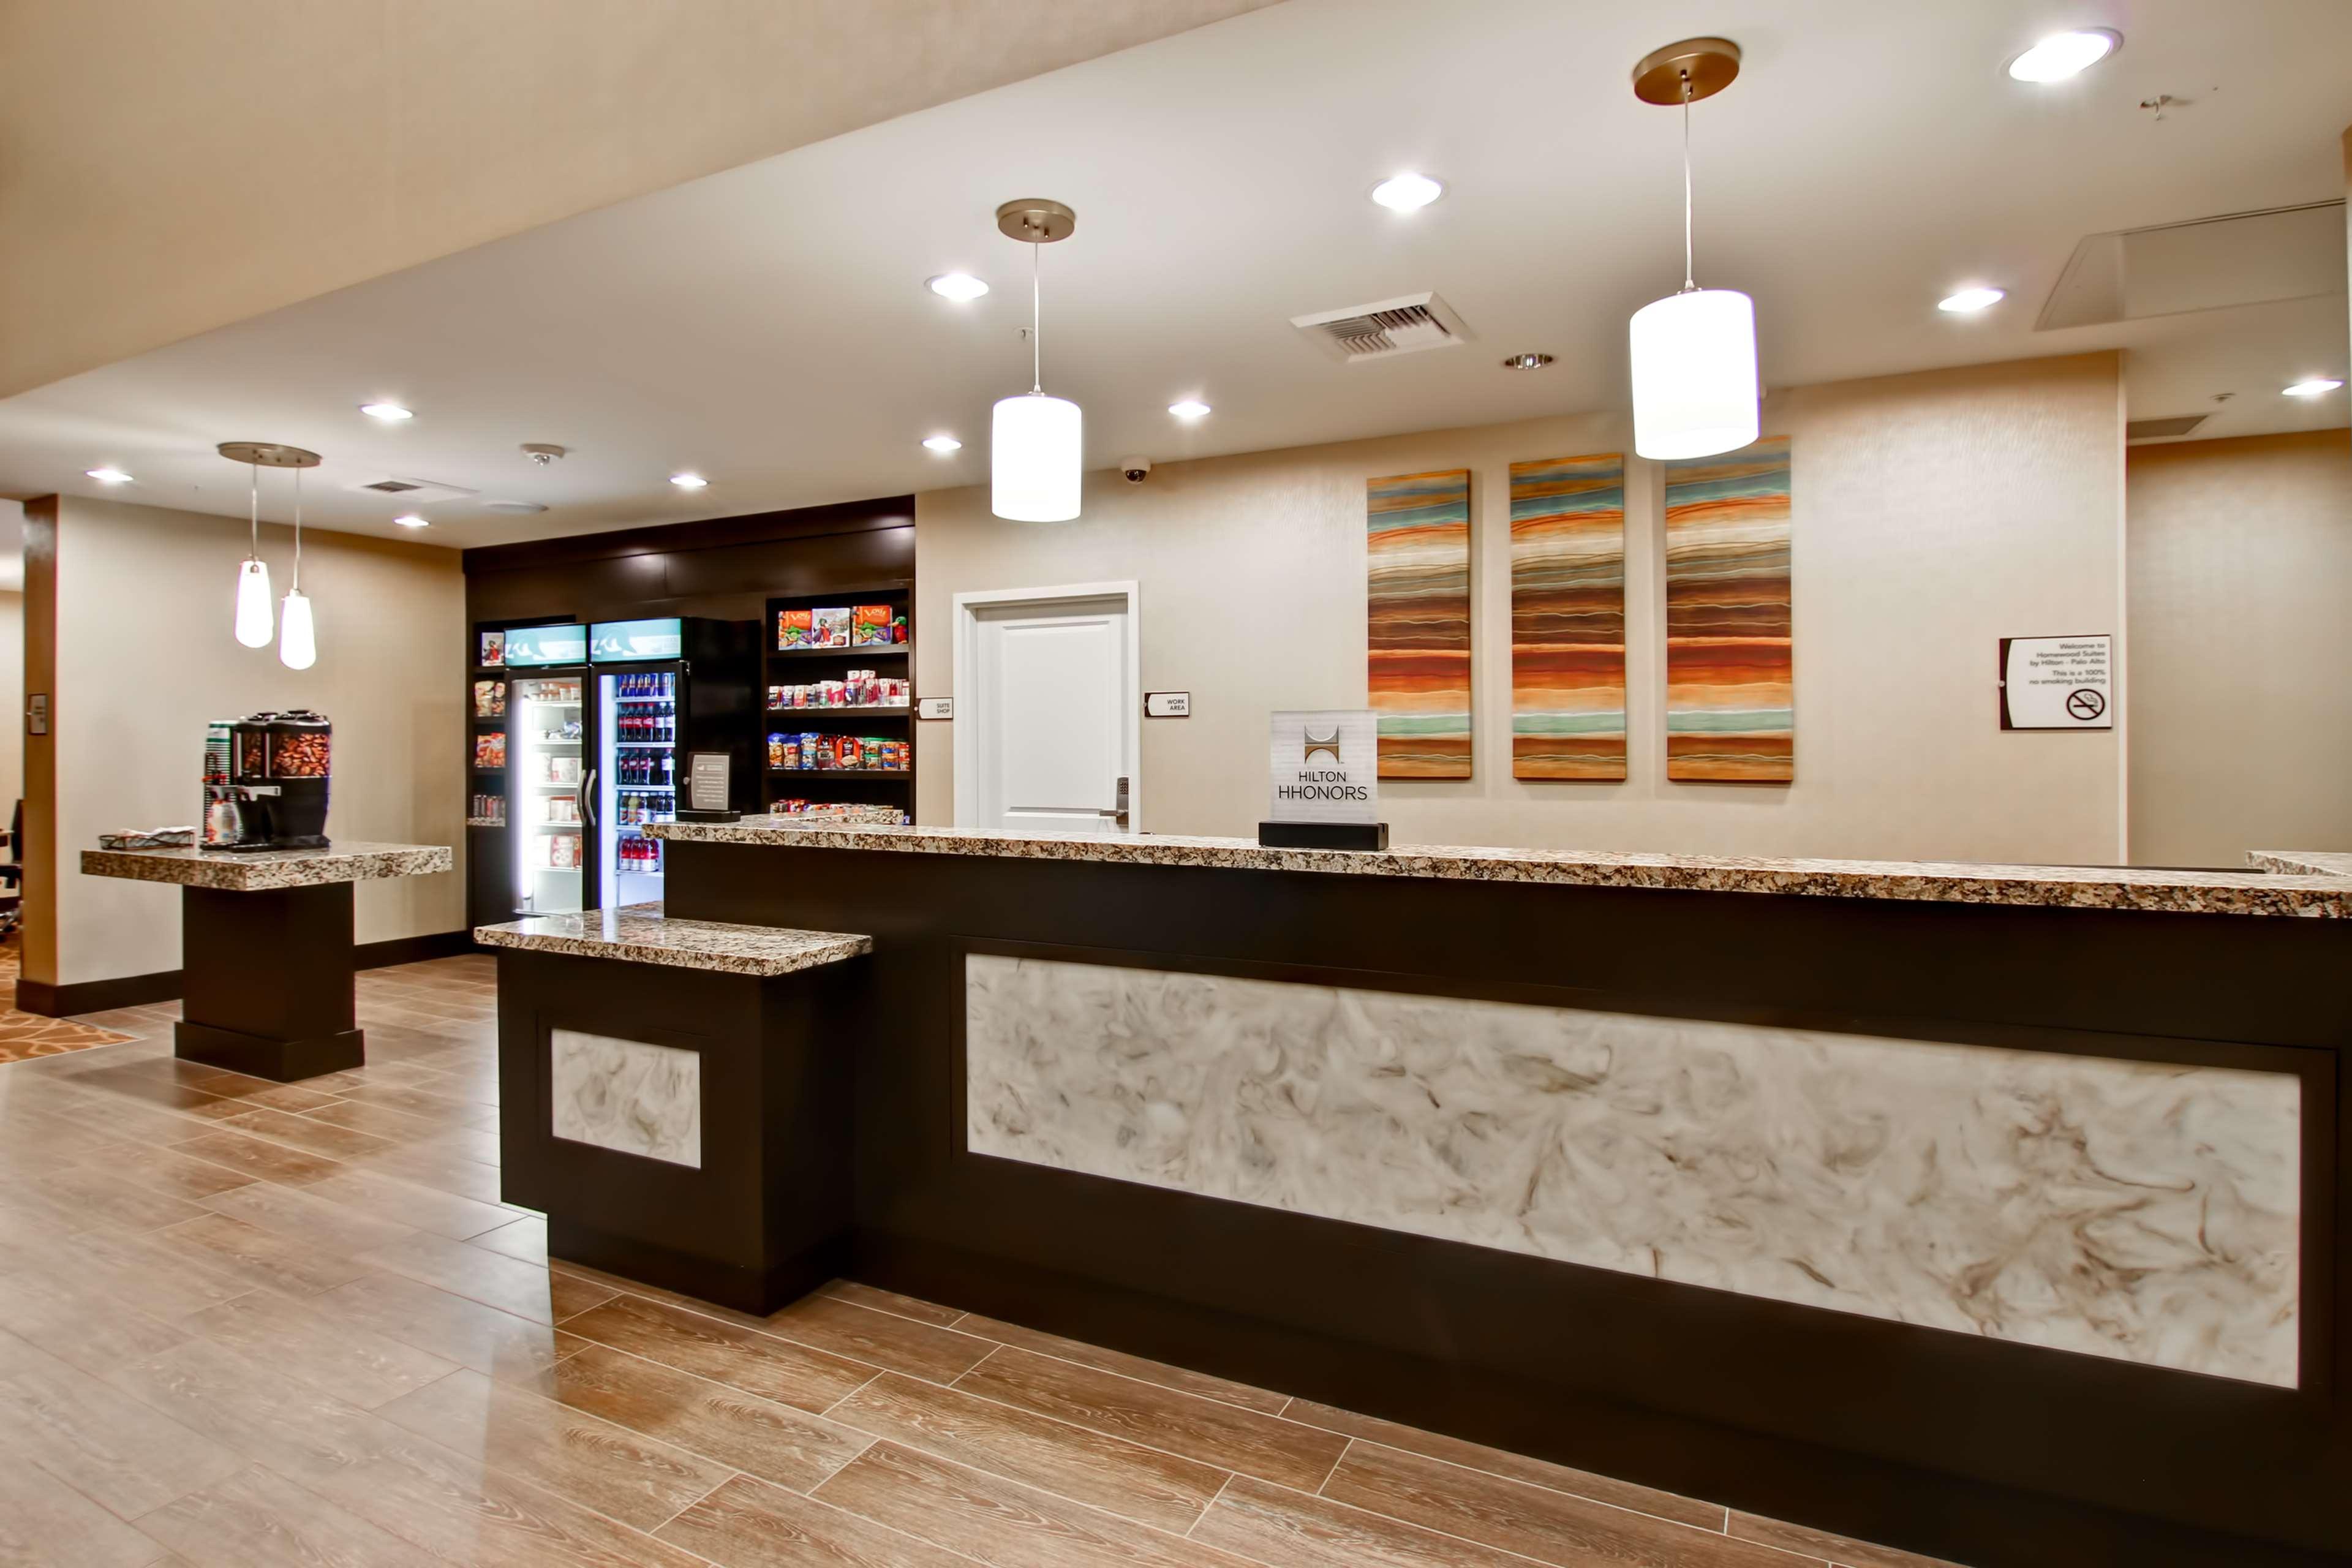 Homewood Suites by Hilton Palo Alto image 6